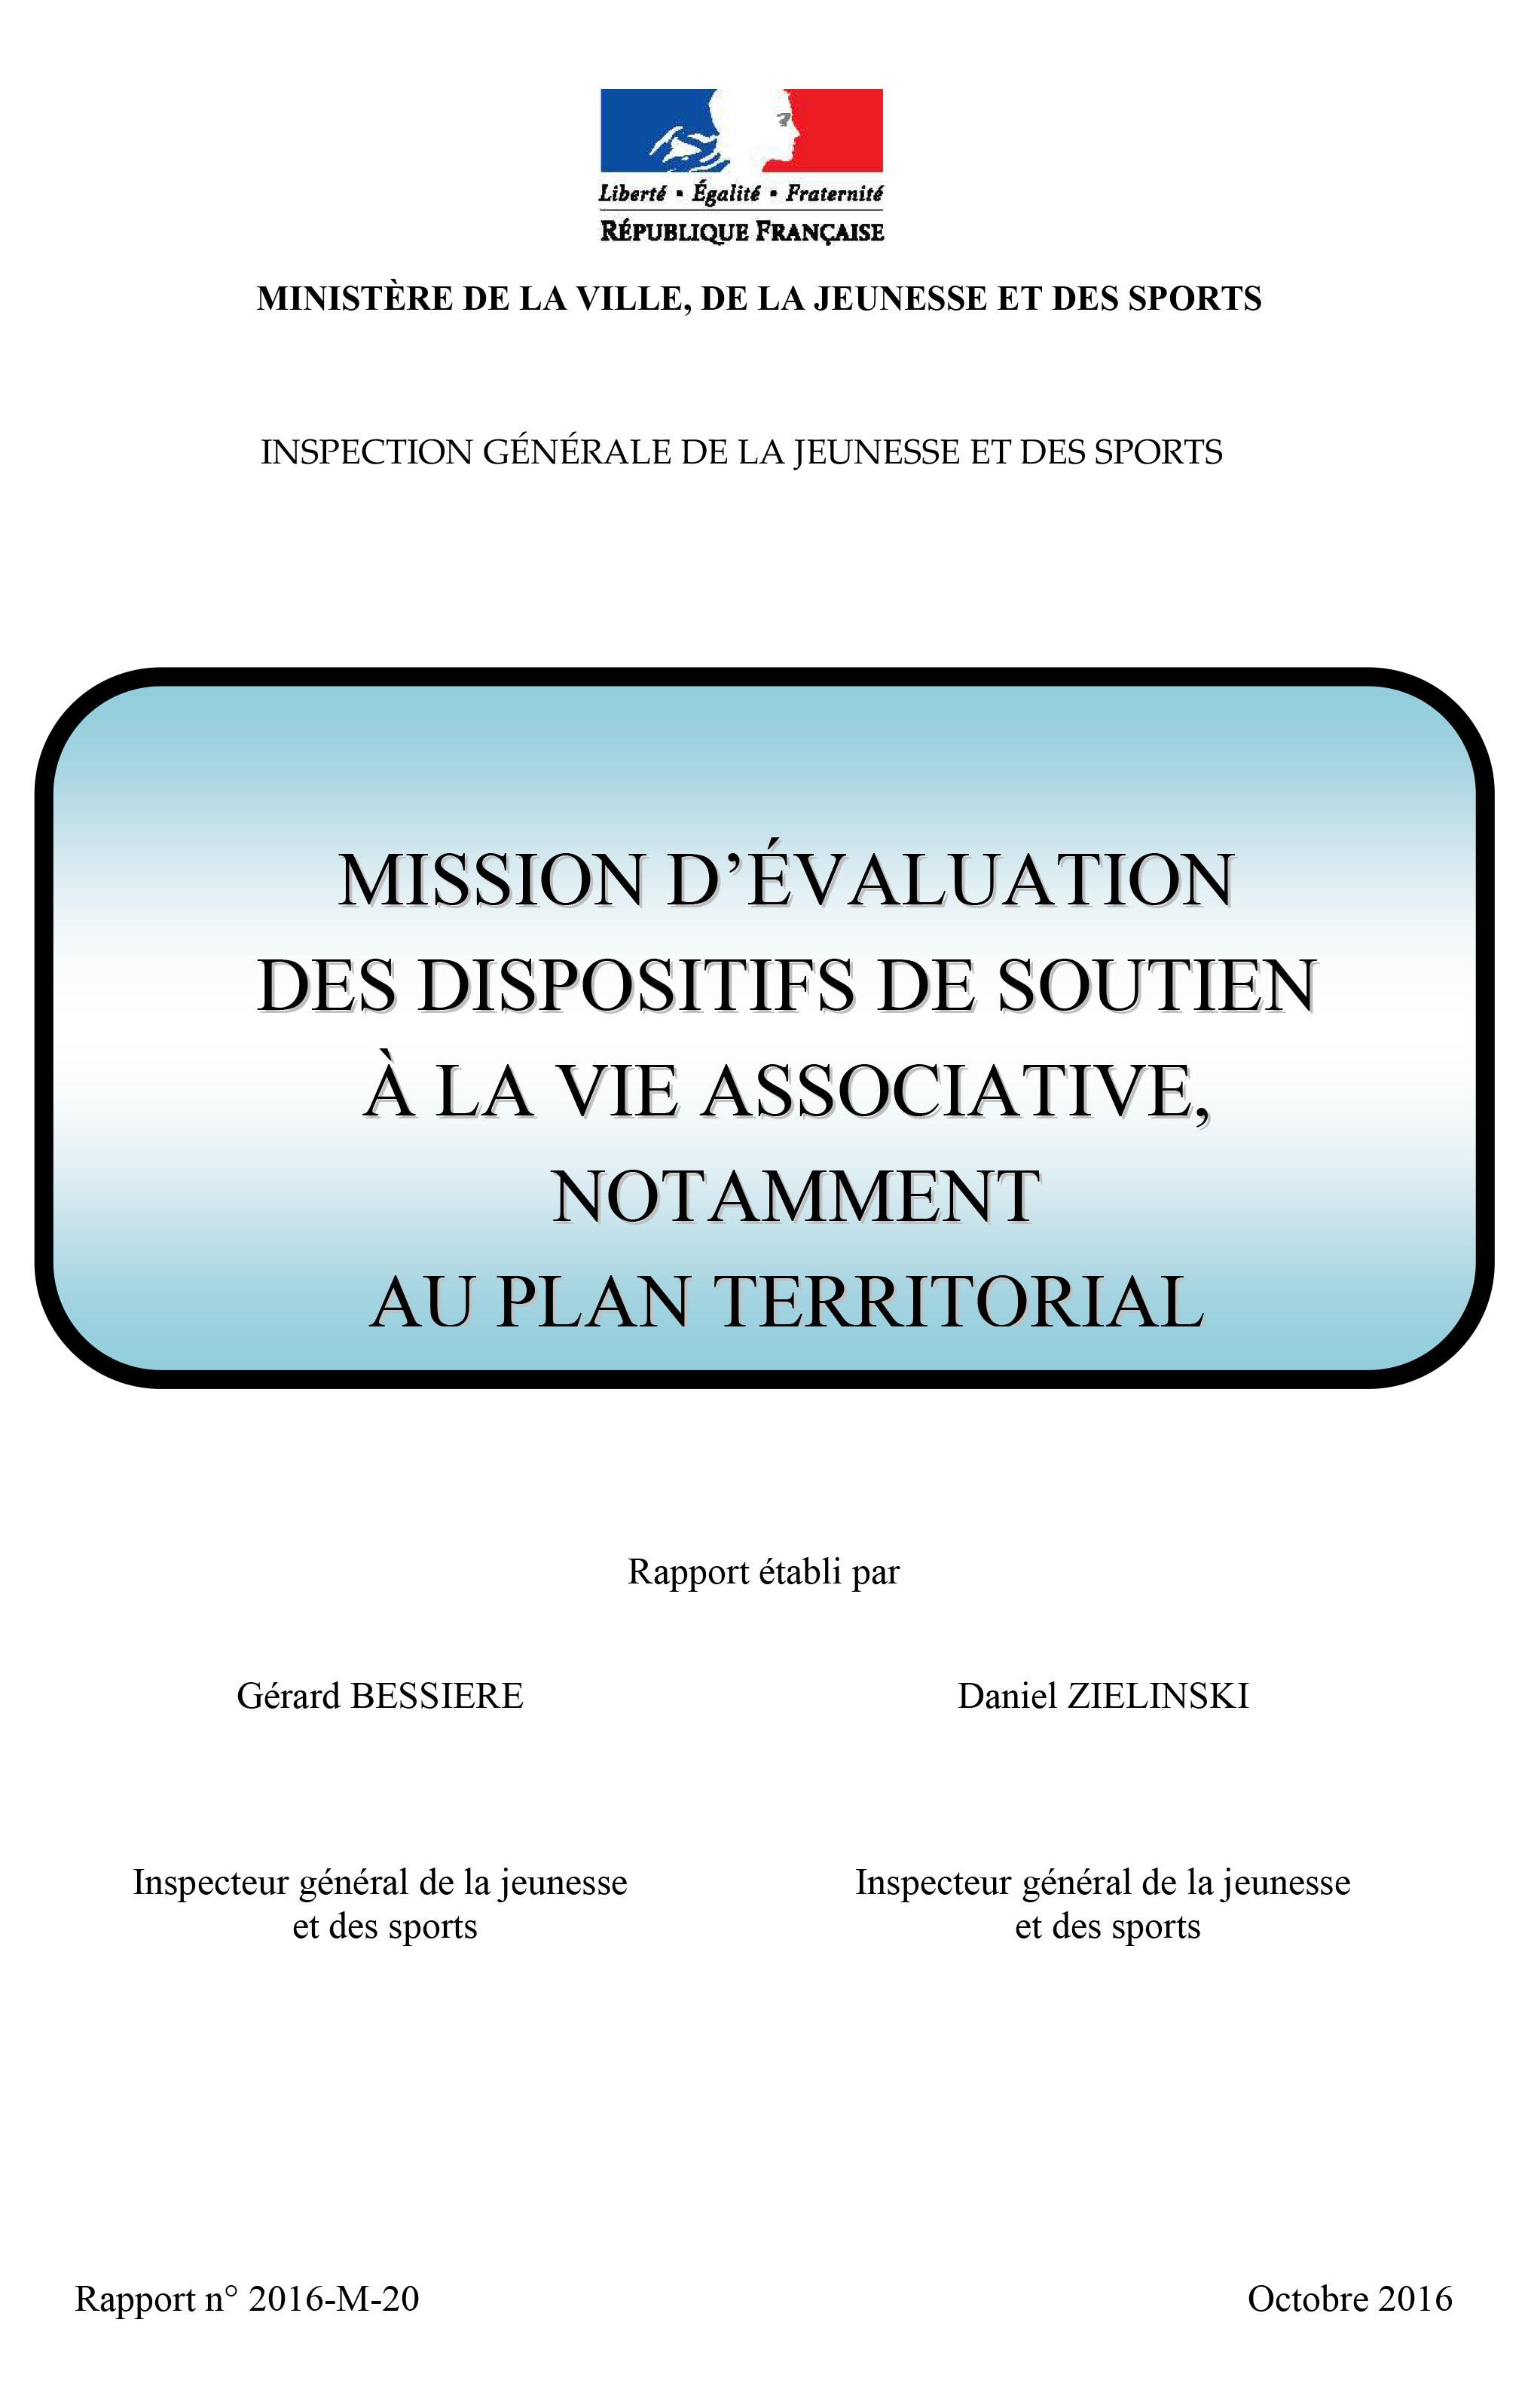 Mission d'évaluation des dispositifs de soutien à la vie associative, notamment au plan territorial – IGJS